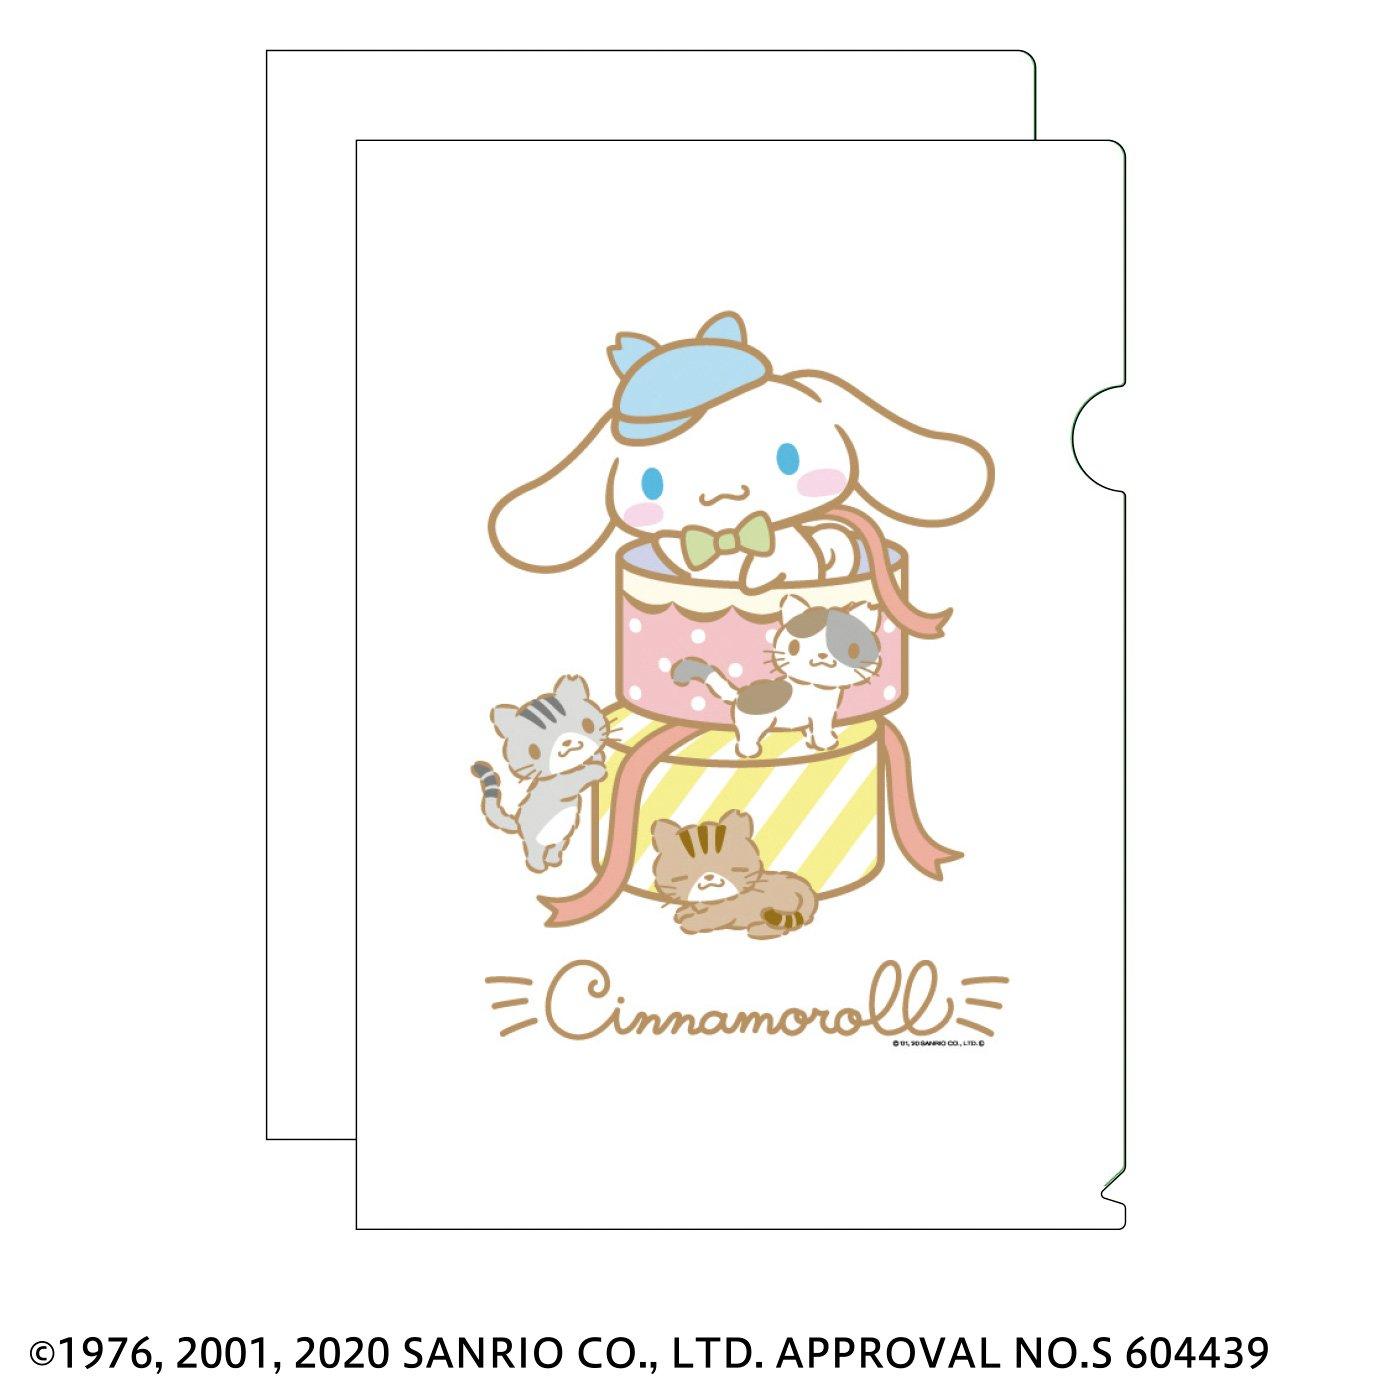 猫部×シナモロール 地域猫チャリティークリアファイル2020